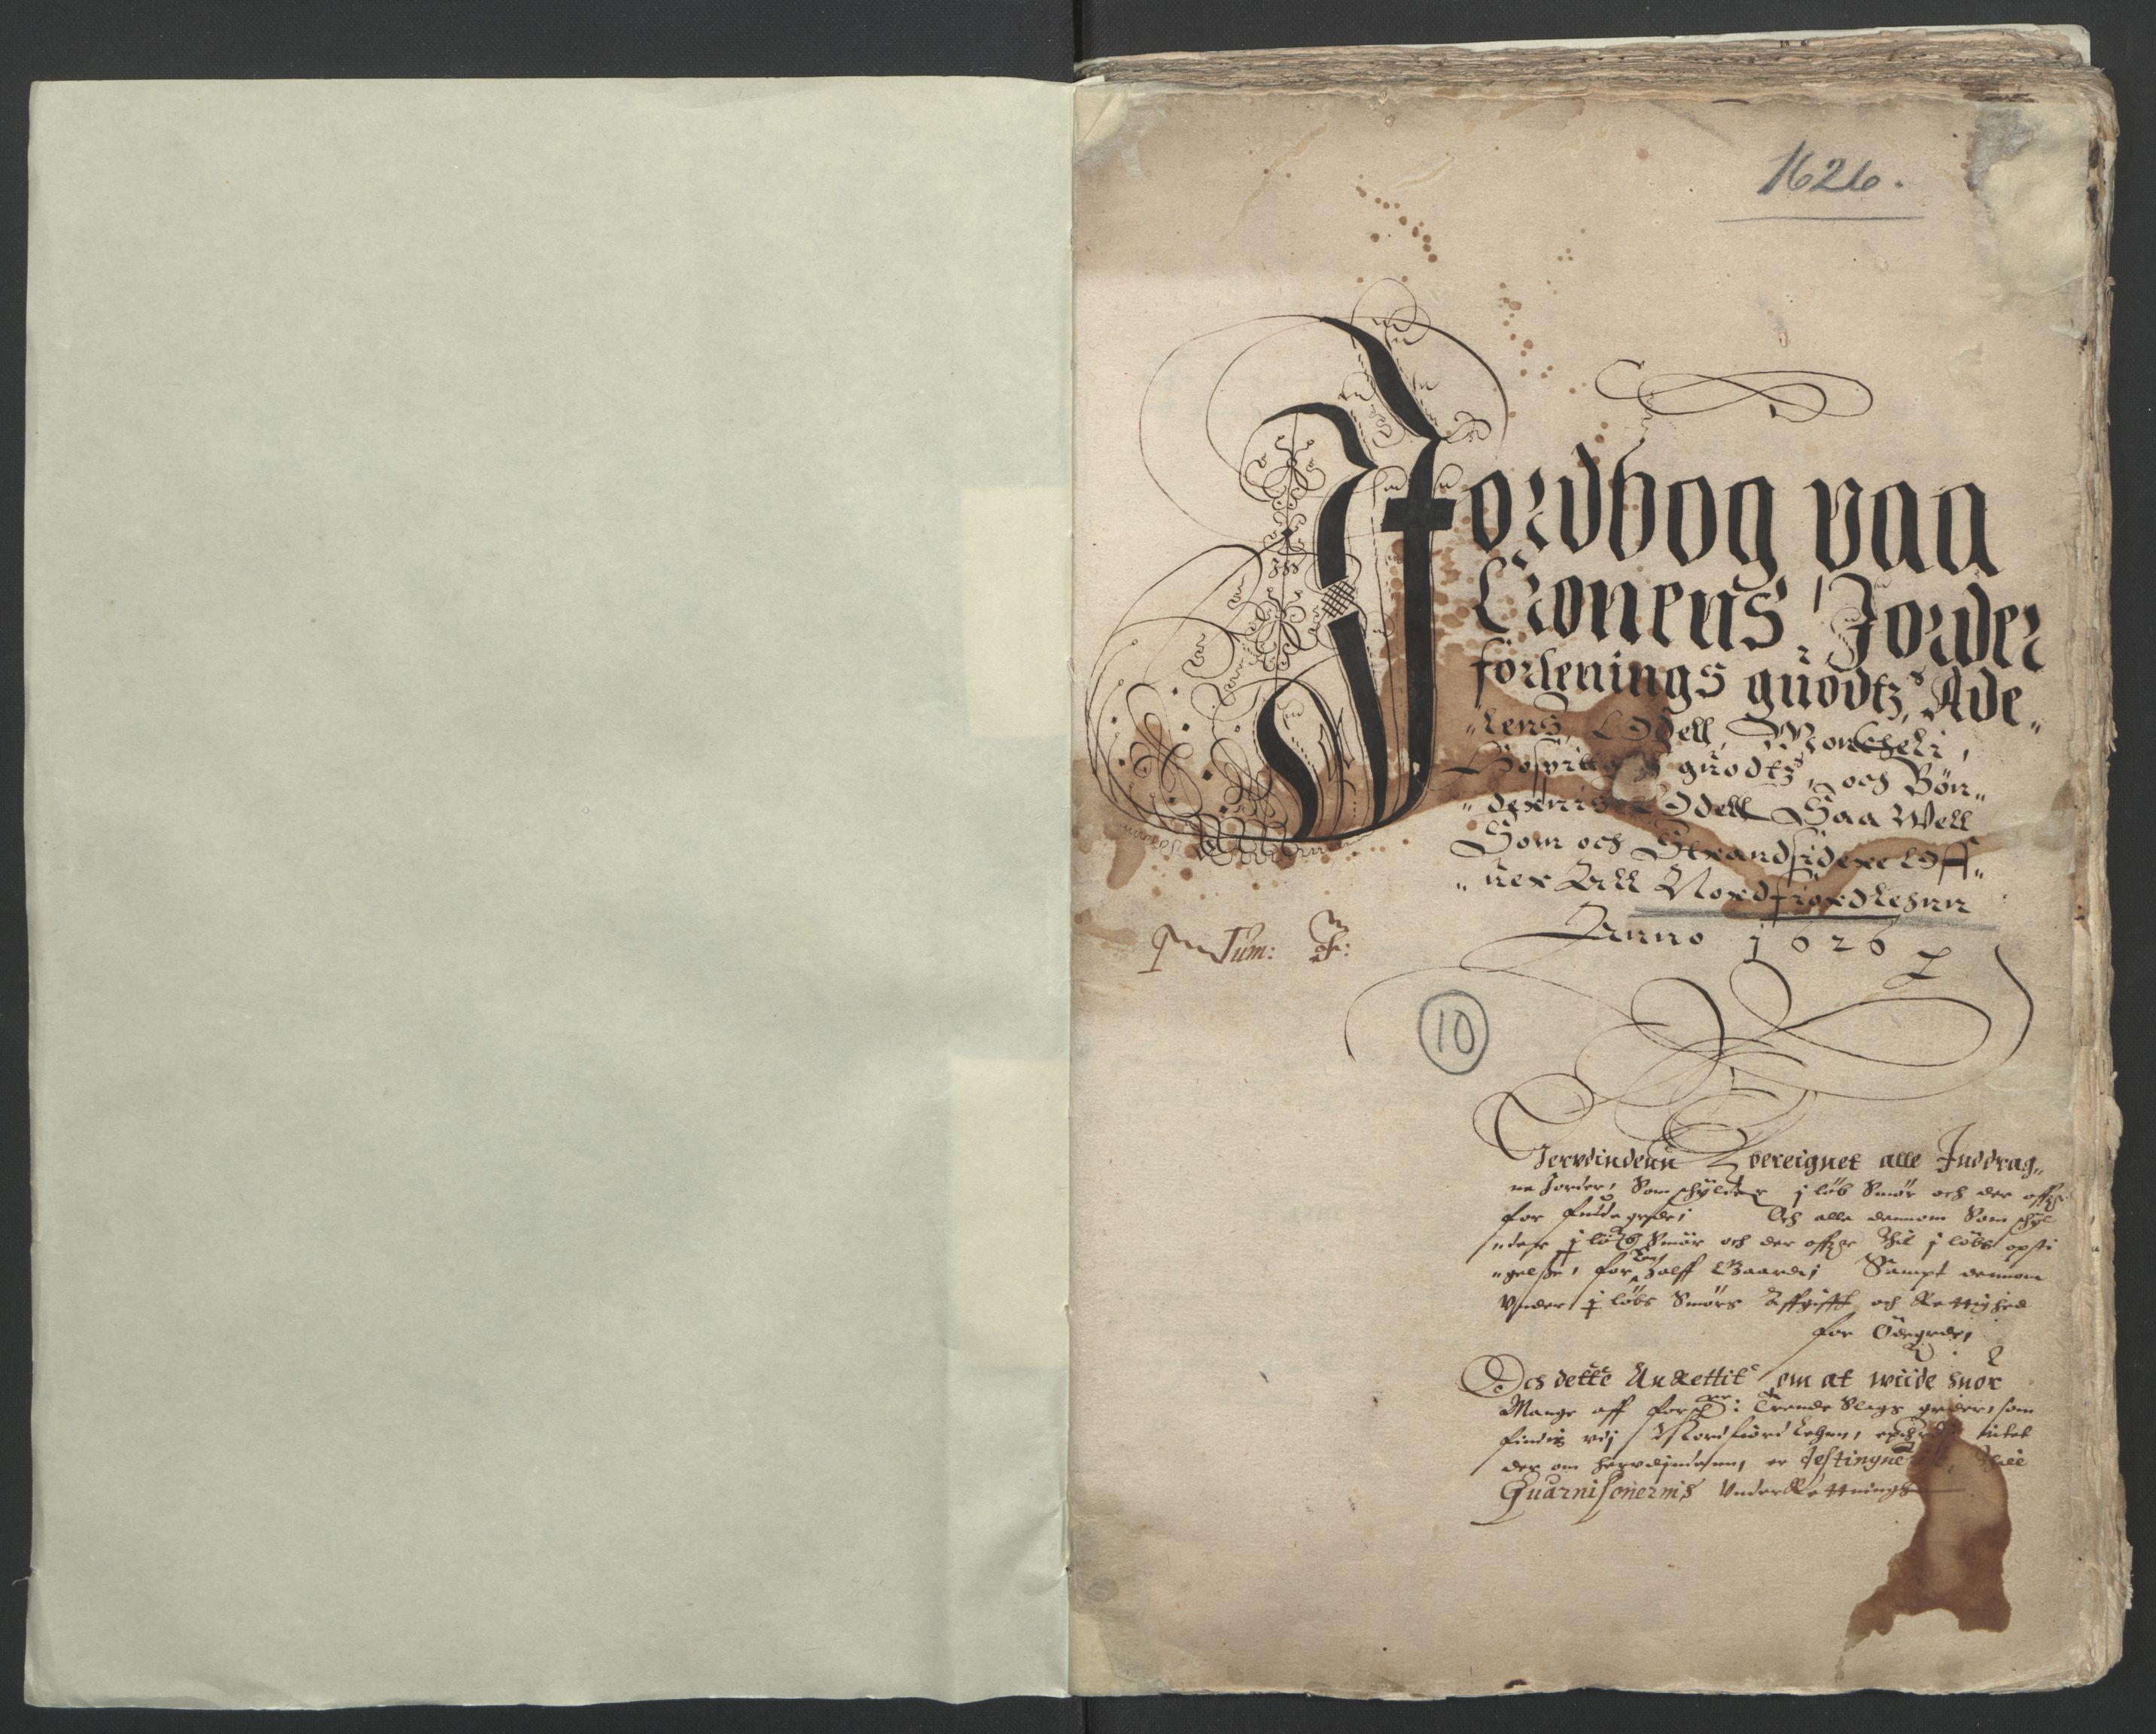 RA, Stattholderembetet 1572-1771, Ek/L0005: Jordebøker til utlikning av garnisonsskatt 1624-1626:, 1626, s. 33